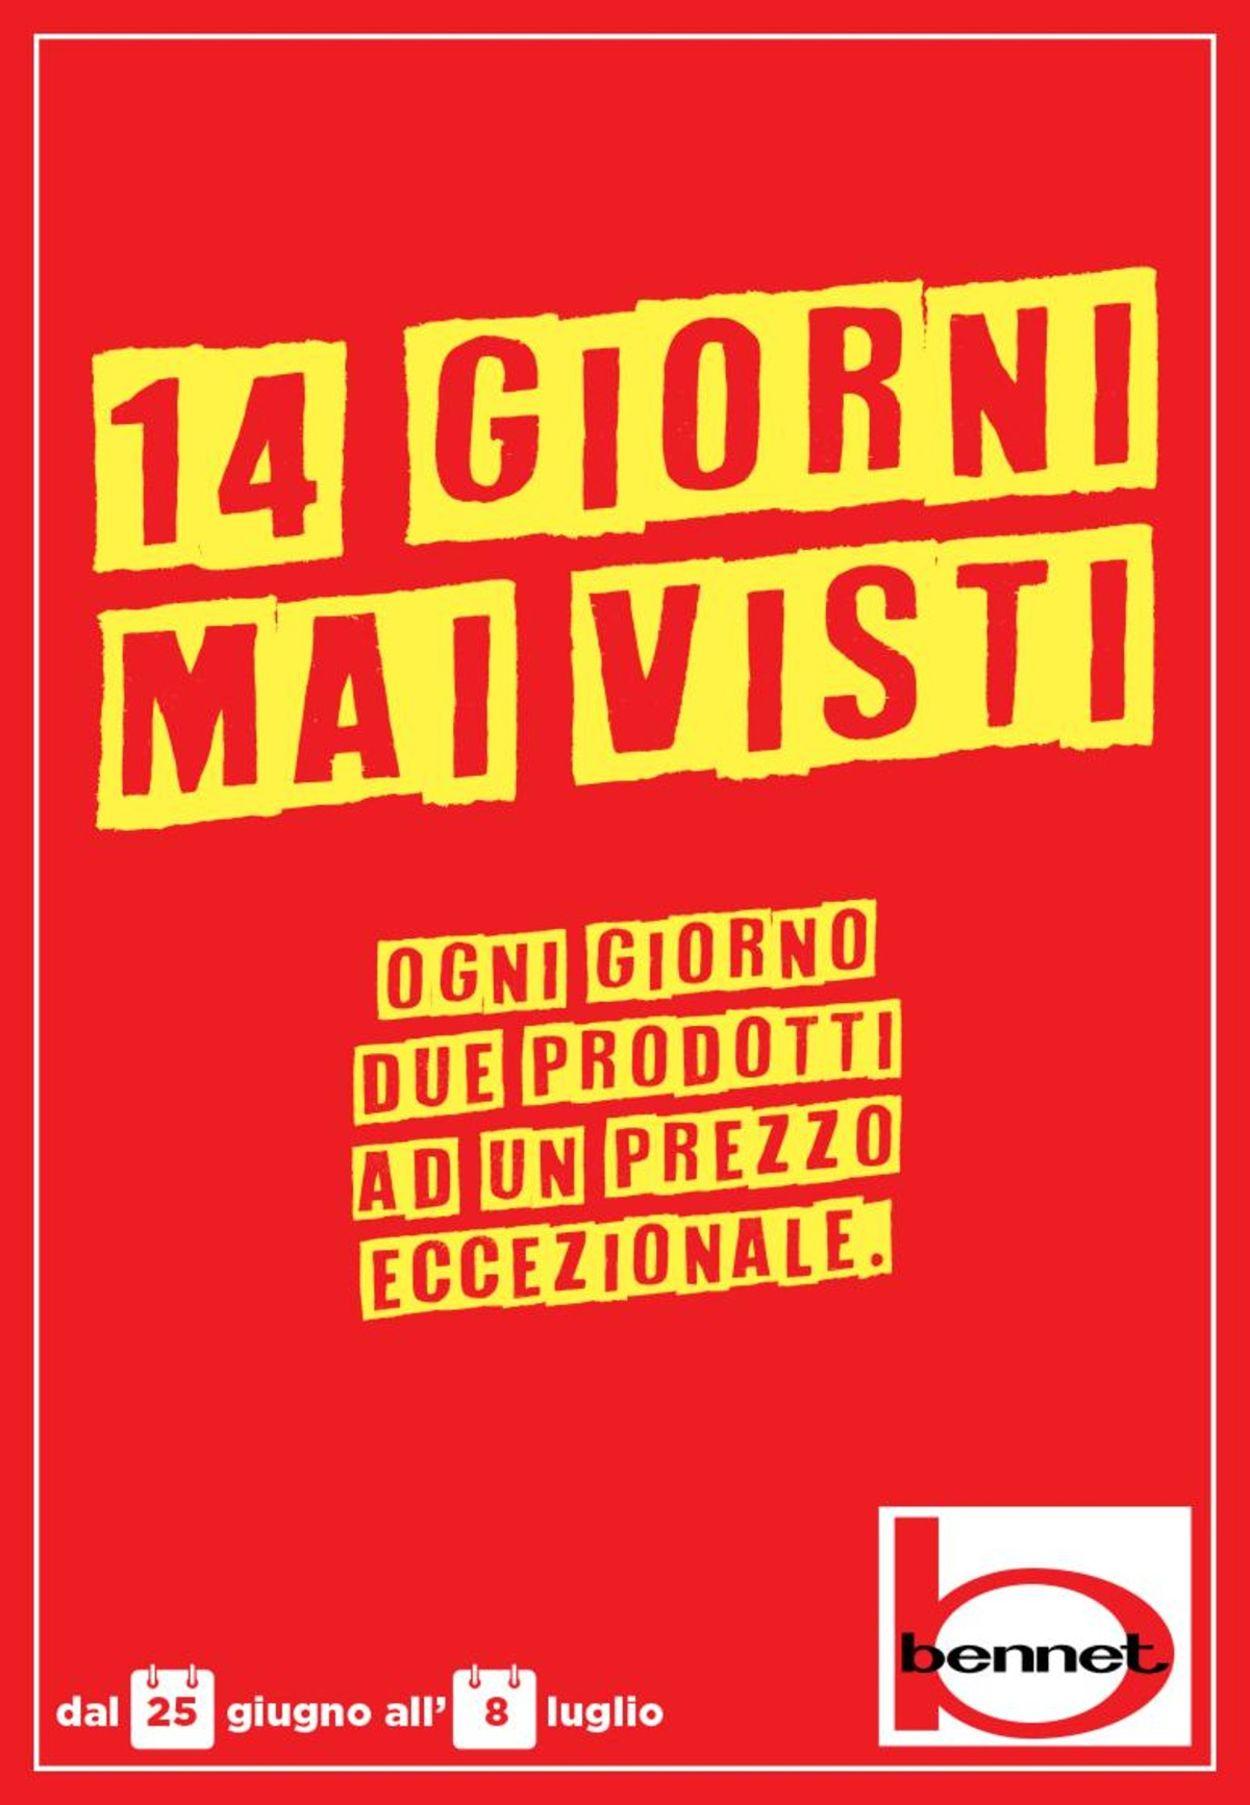 Volantino bennet - Offerte 25/06-08/07/2020